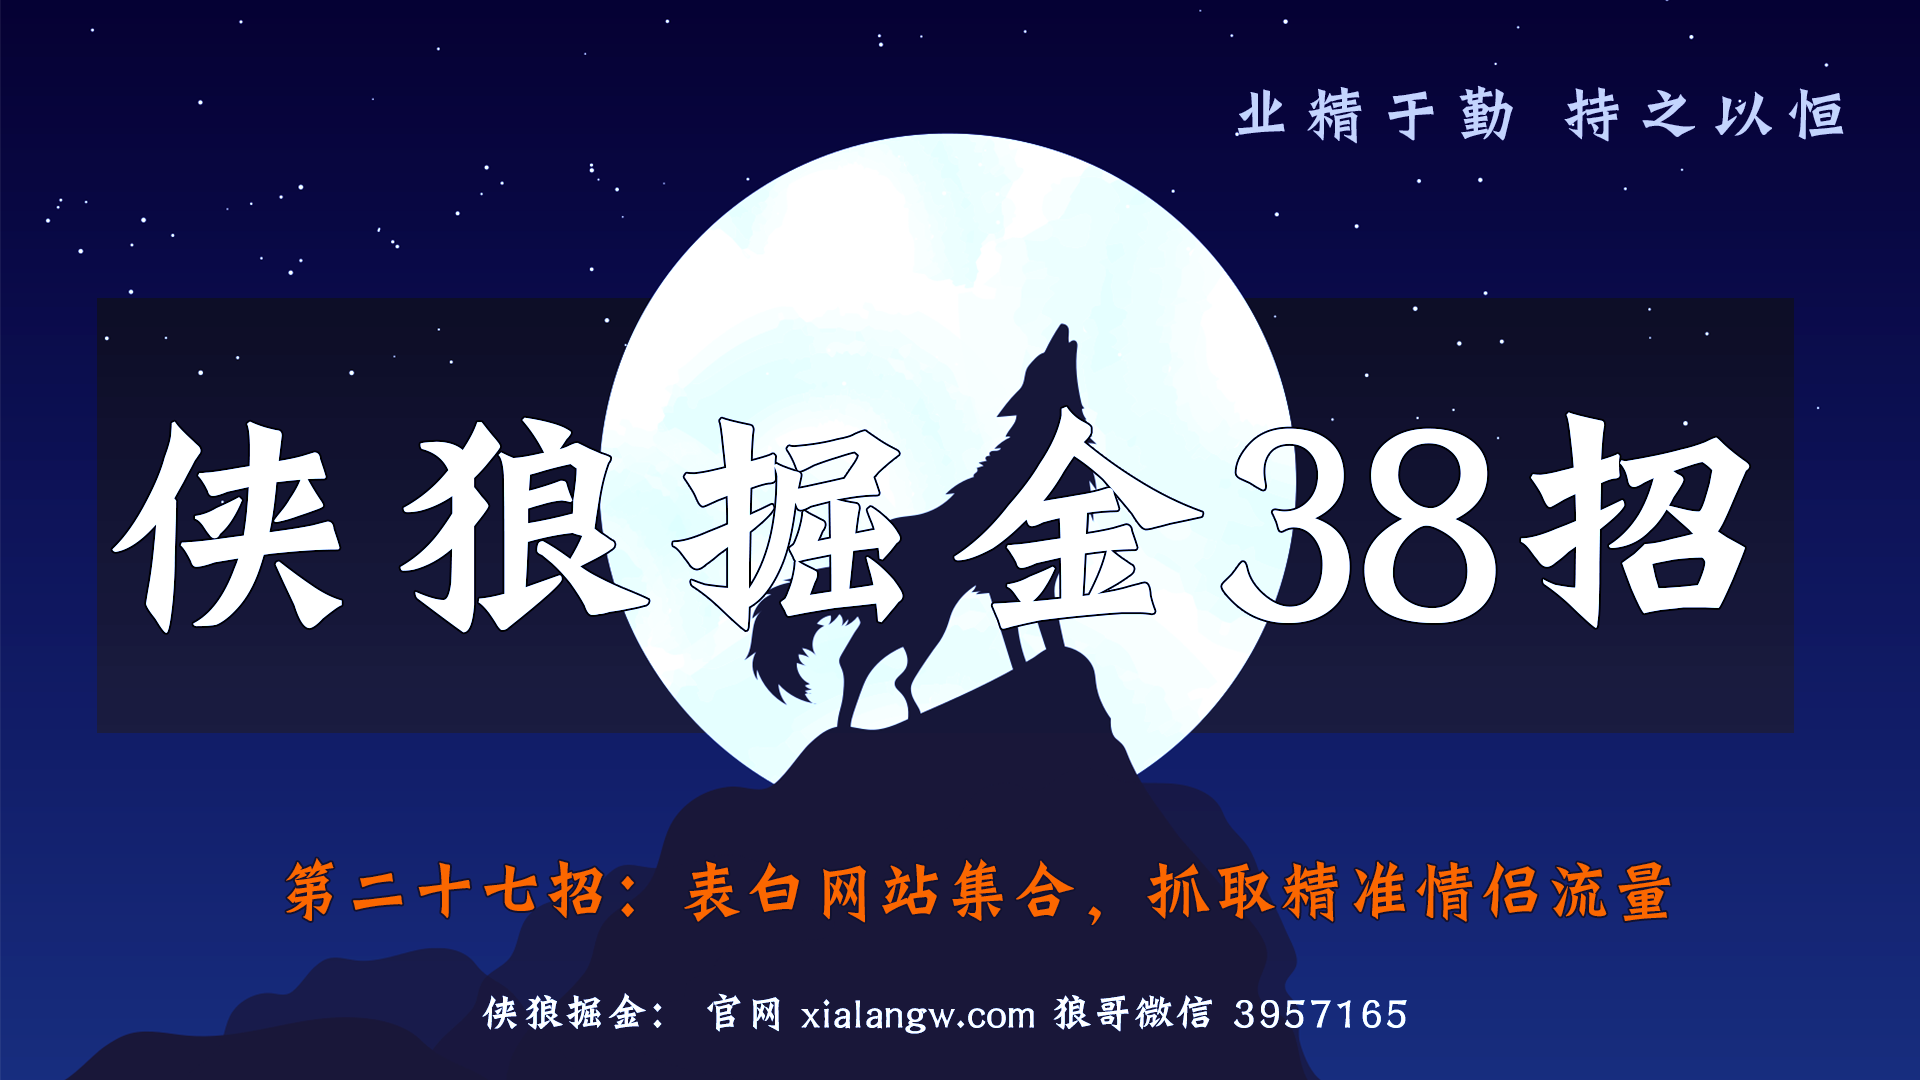 侠狼掘金38招第27招表白网站集合,抓取精准情侣流量